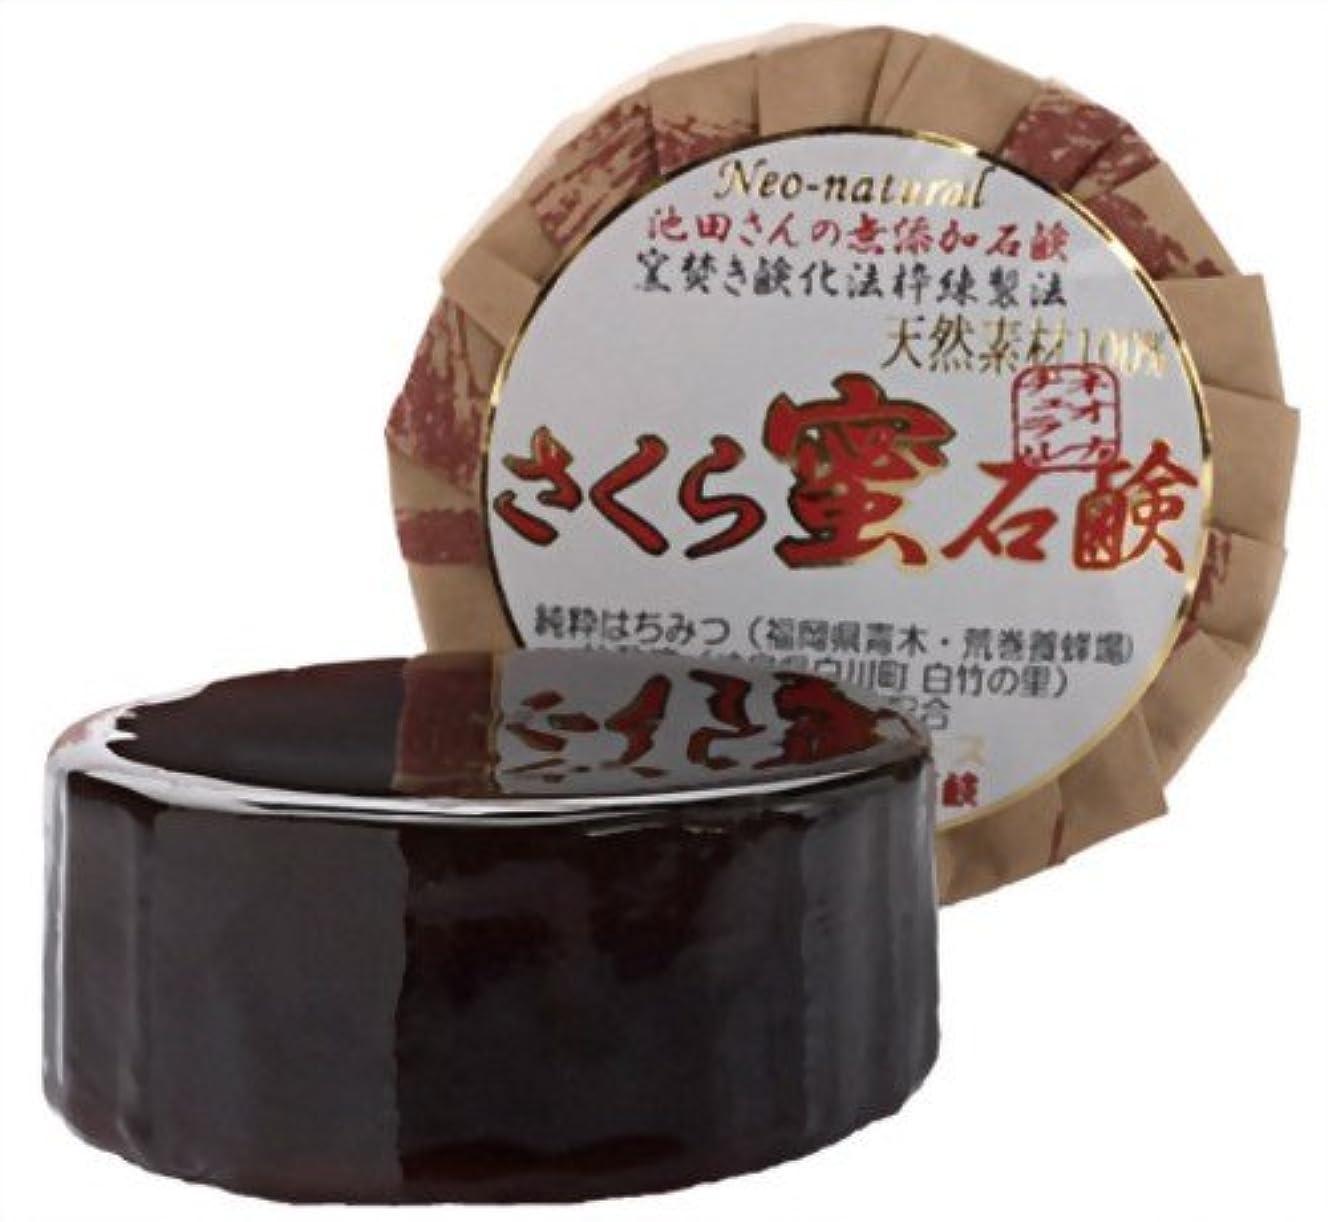 キルスエスカレート空虚ネオナチュラル 池田さんのさくら蜜石鹸 105g